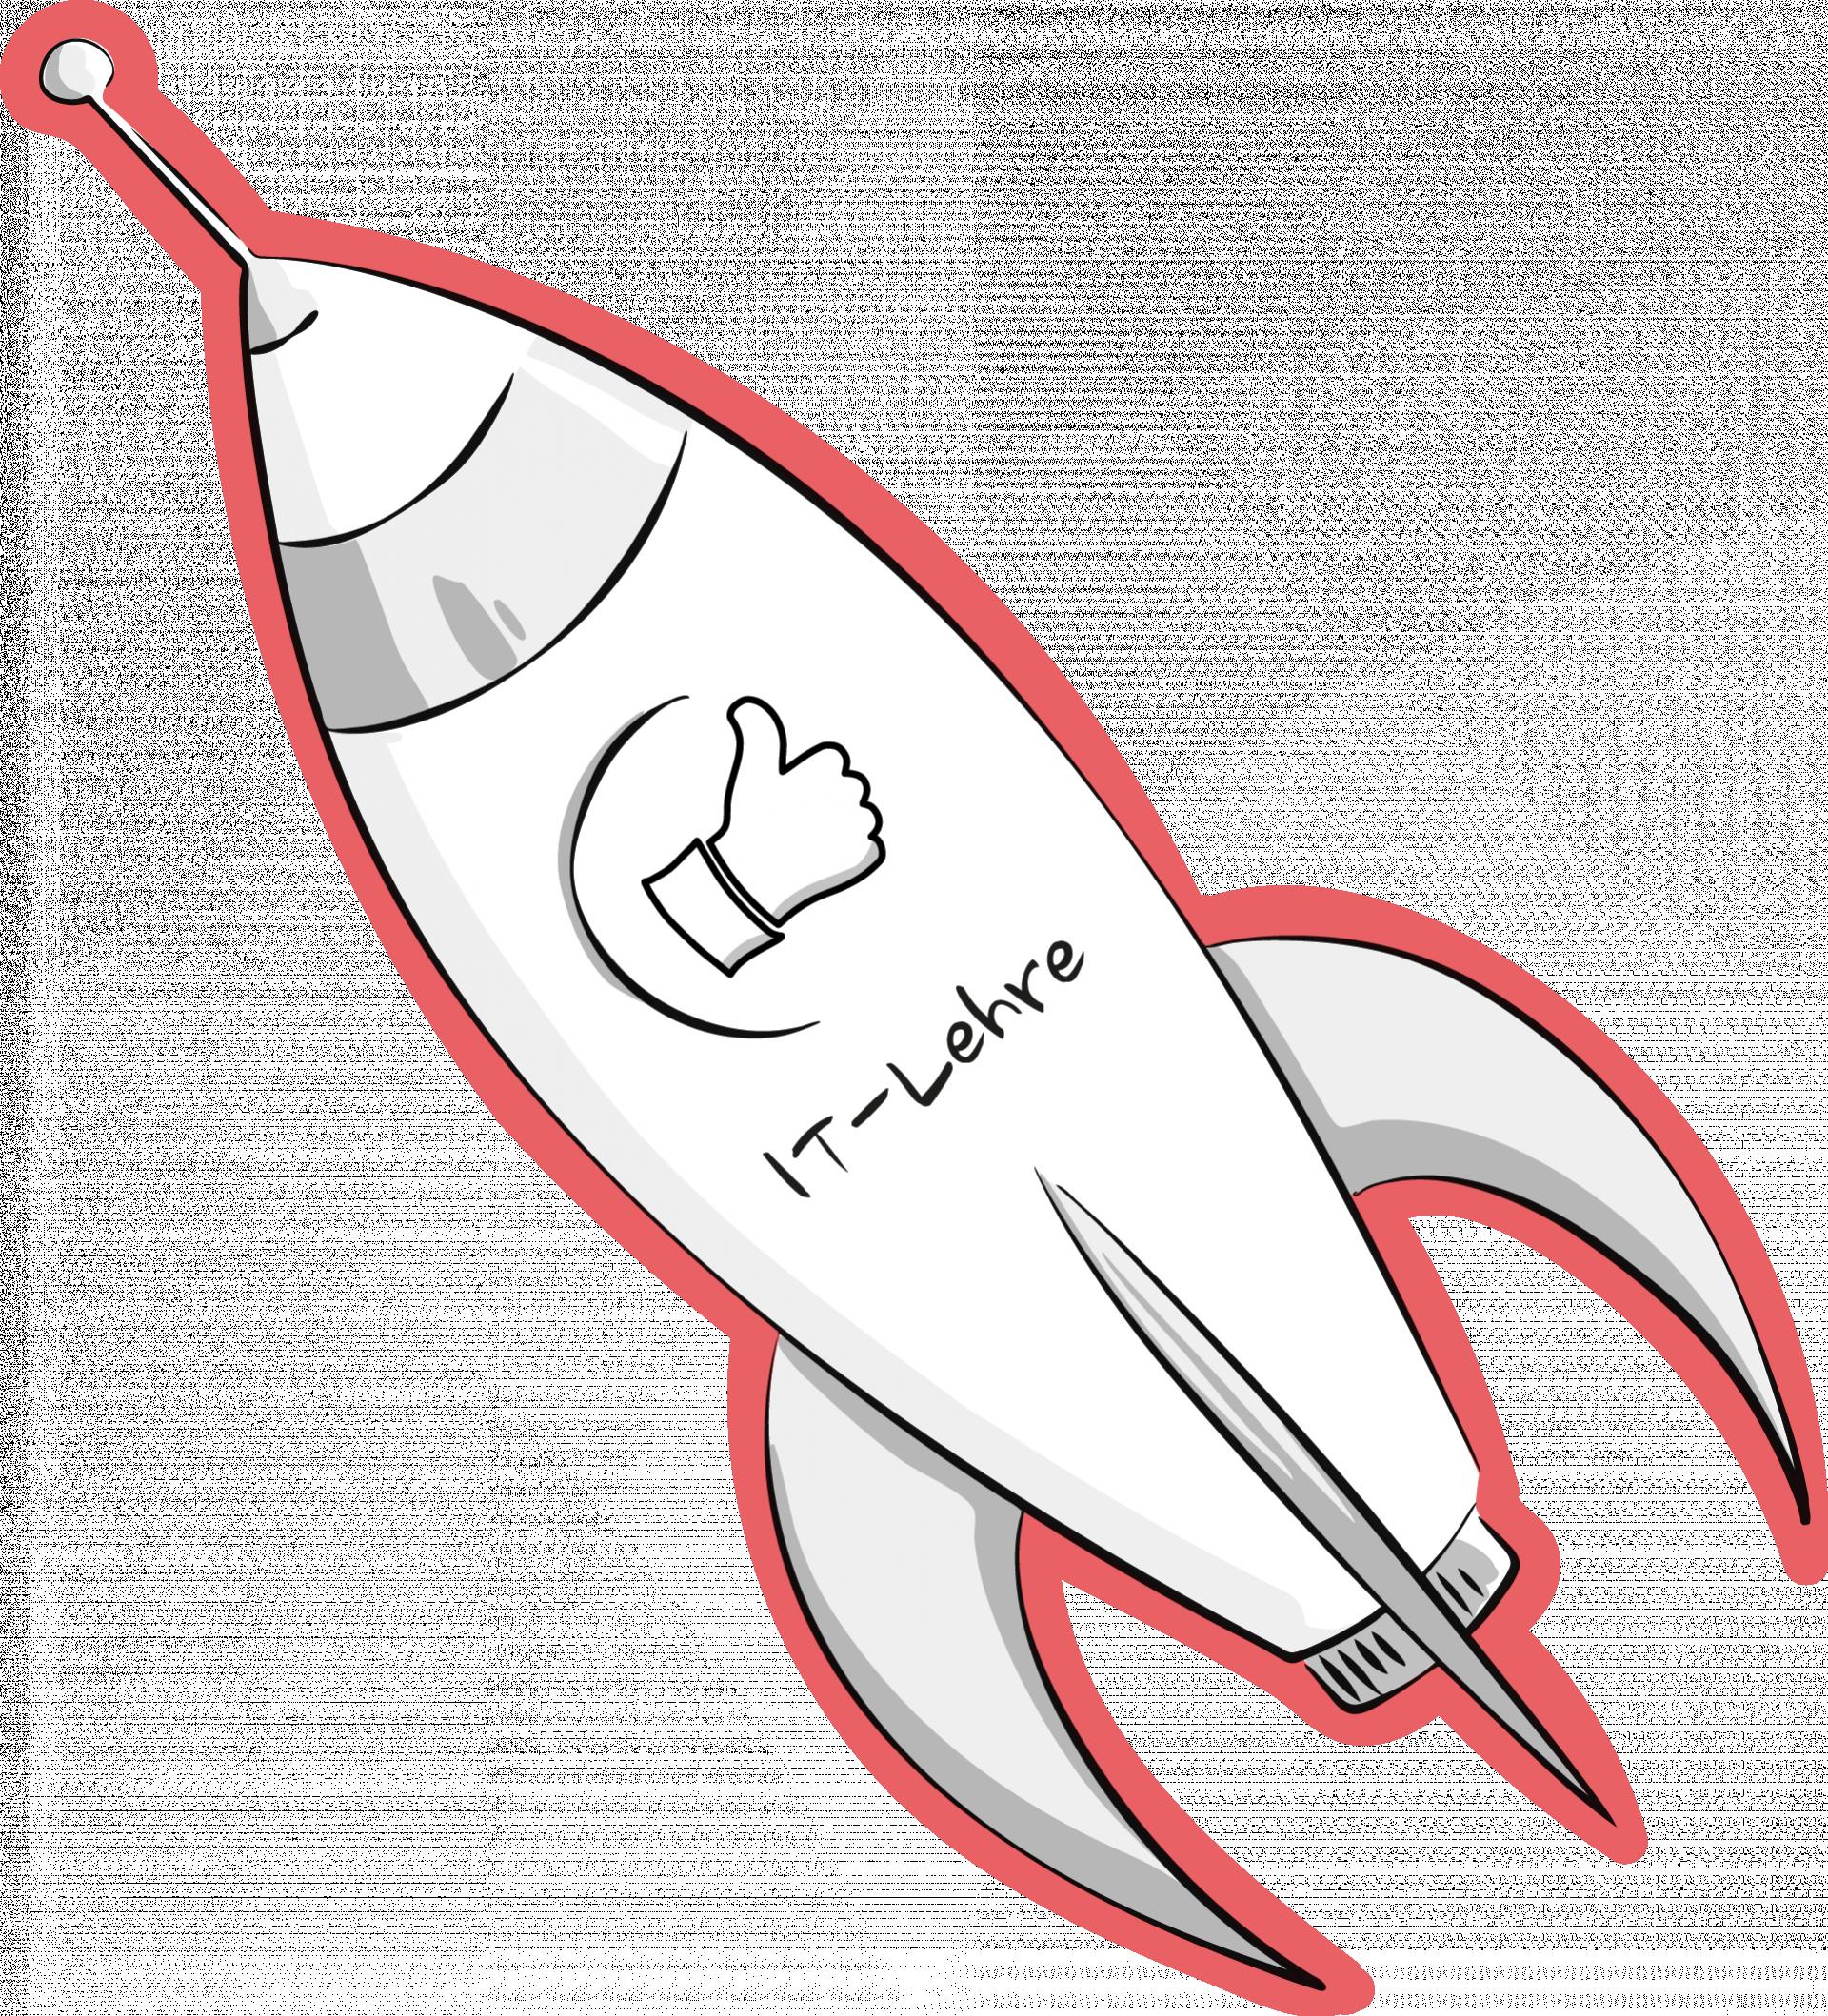 Zeichnung einer Rakete mit Daumen nach oben und Text IT-Lehre